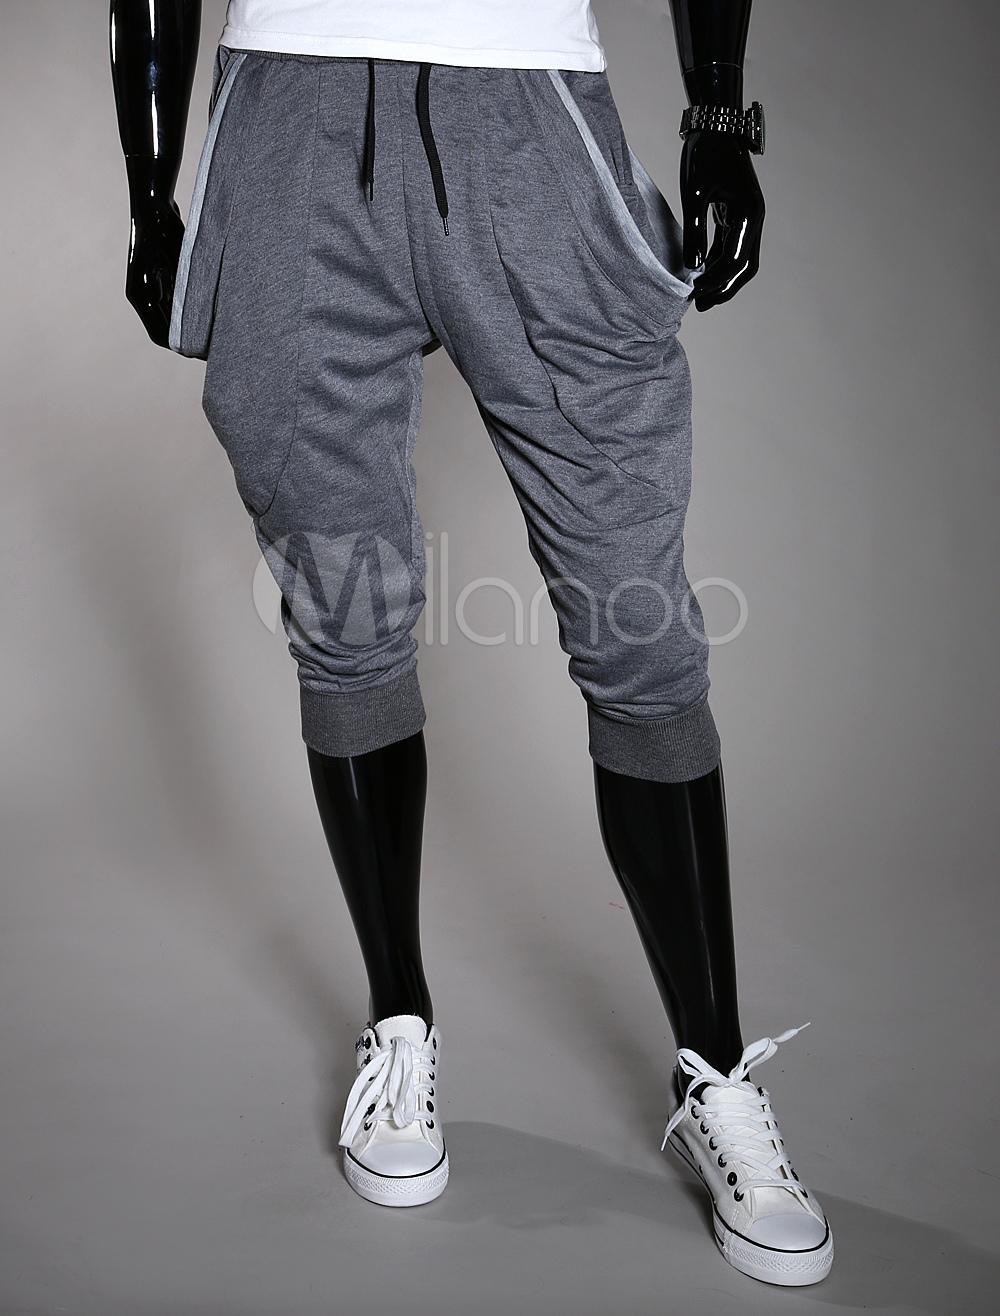 Hip Hop Elastic Waist Cotton Men's Shorts